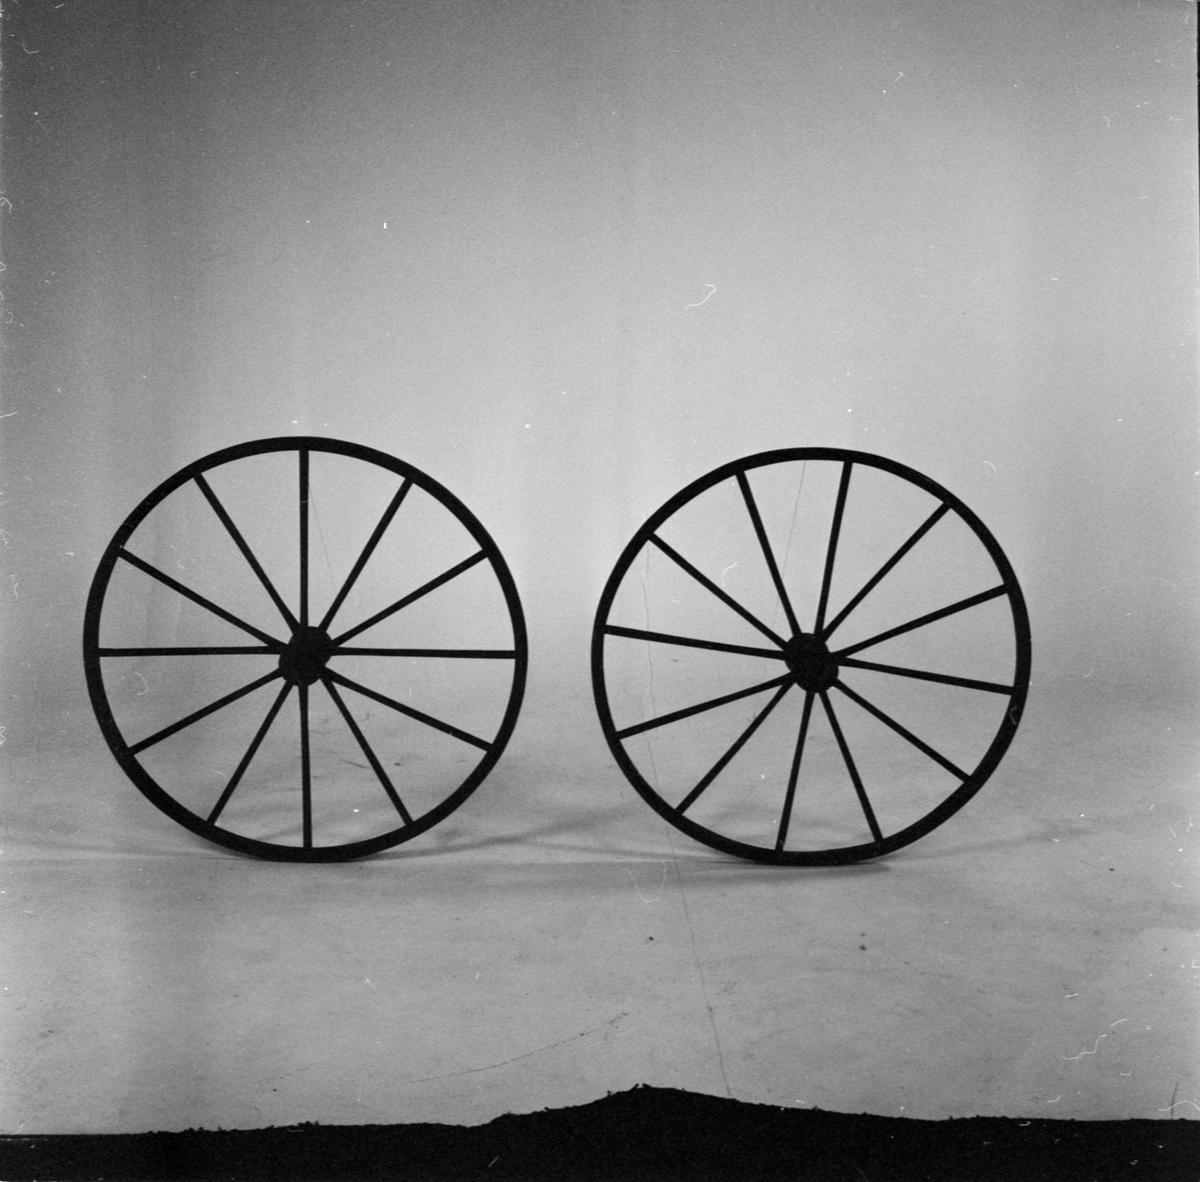 Sveriges äldsta cykelhjul, Uppsala, januari 1962